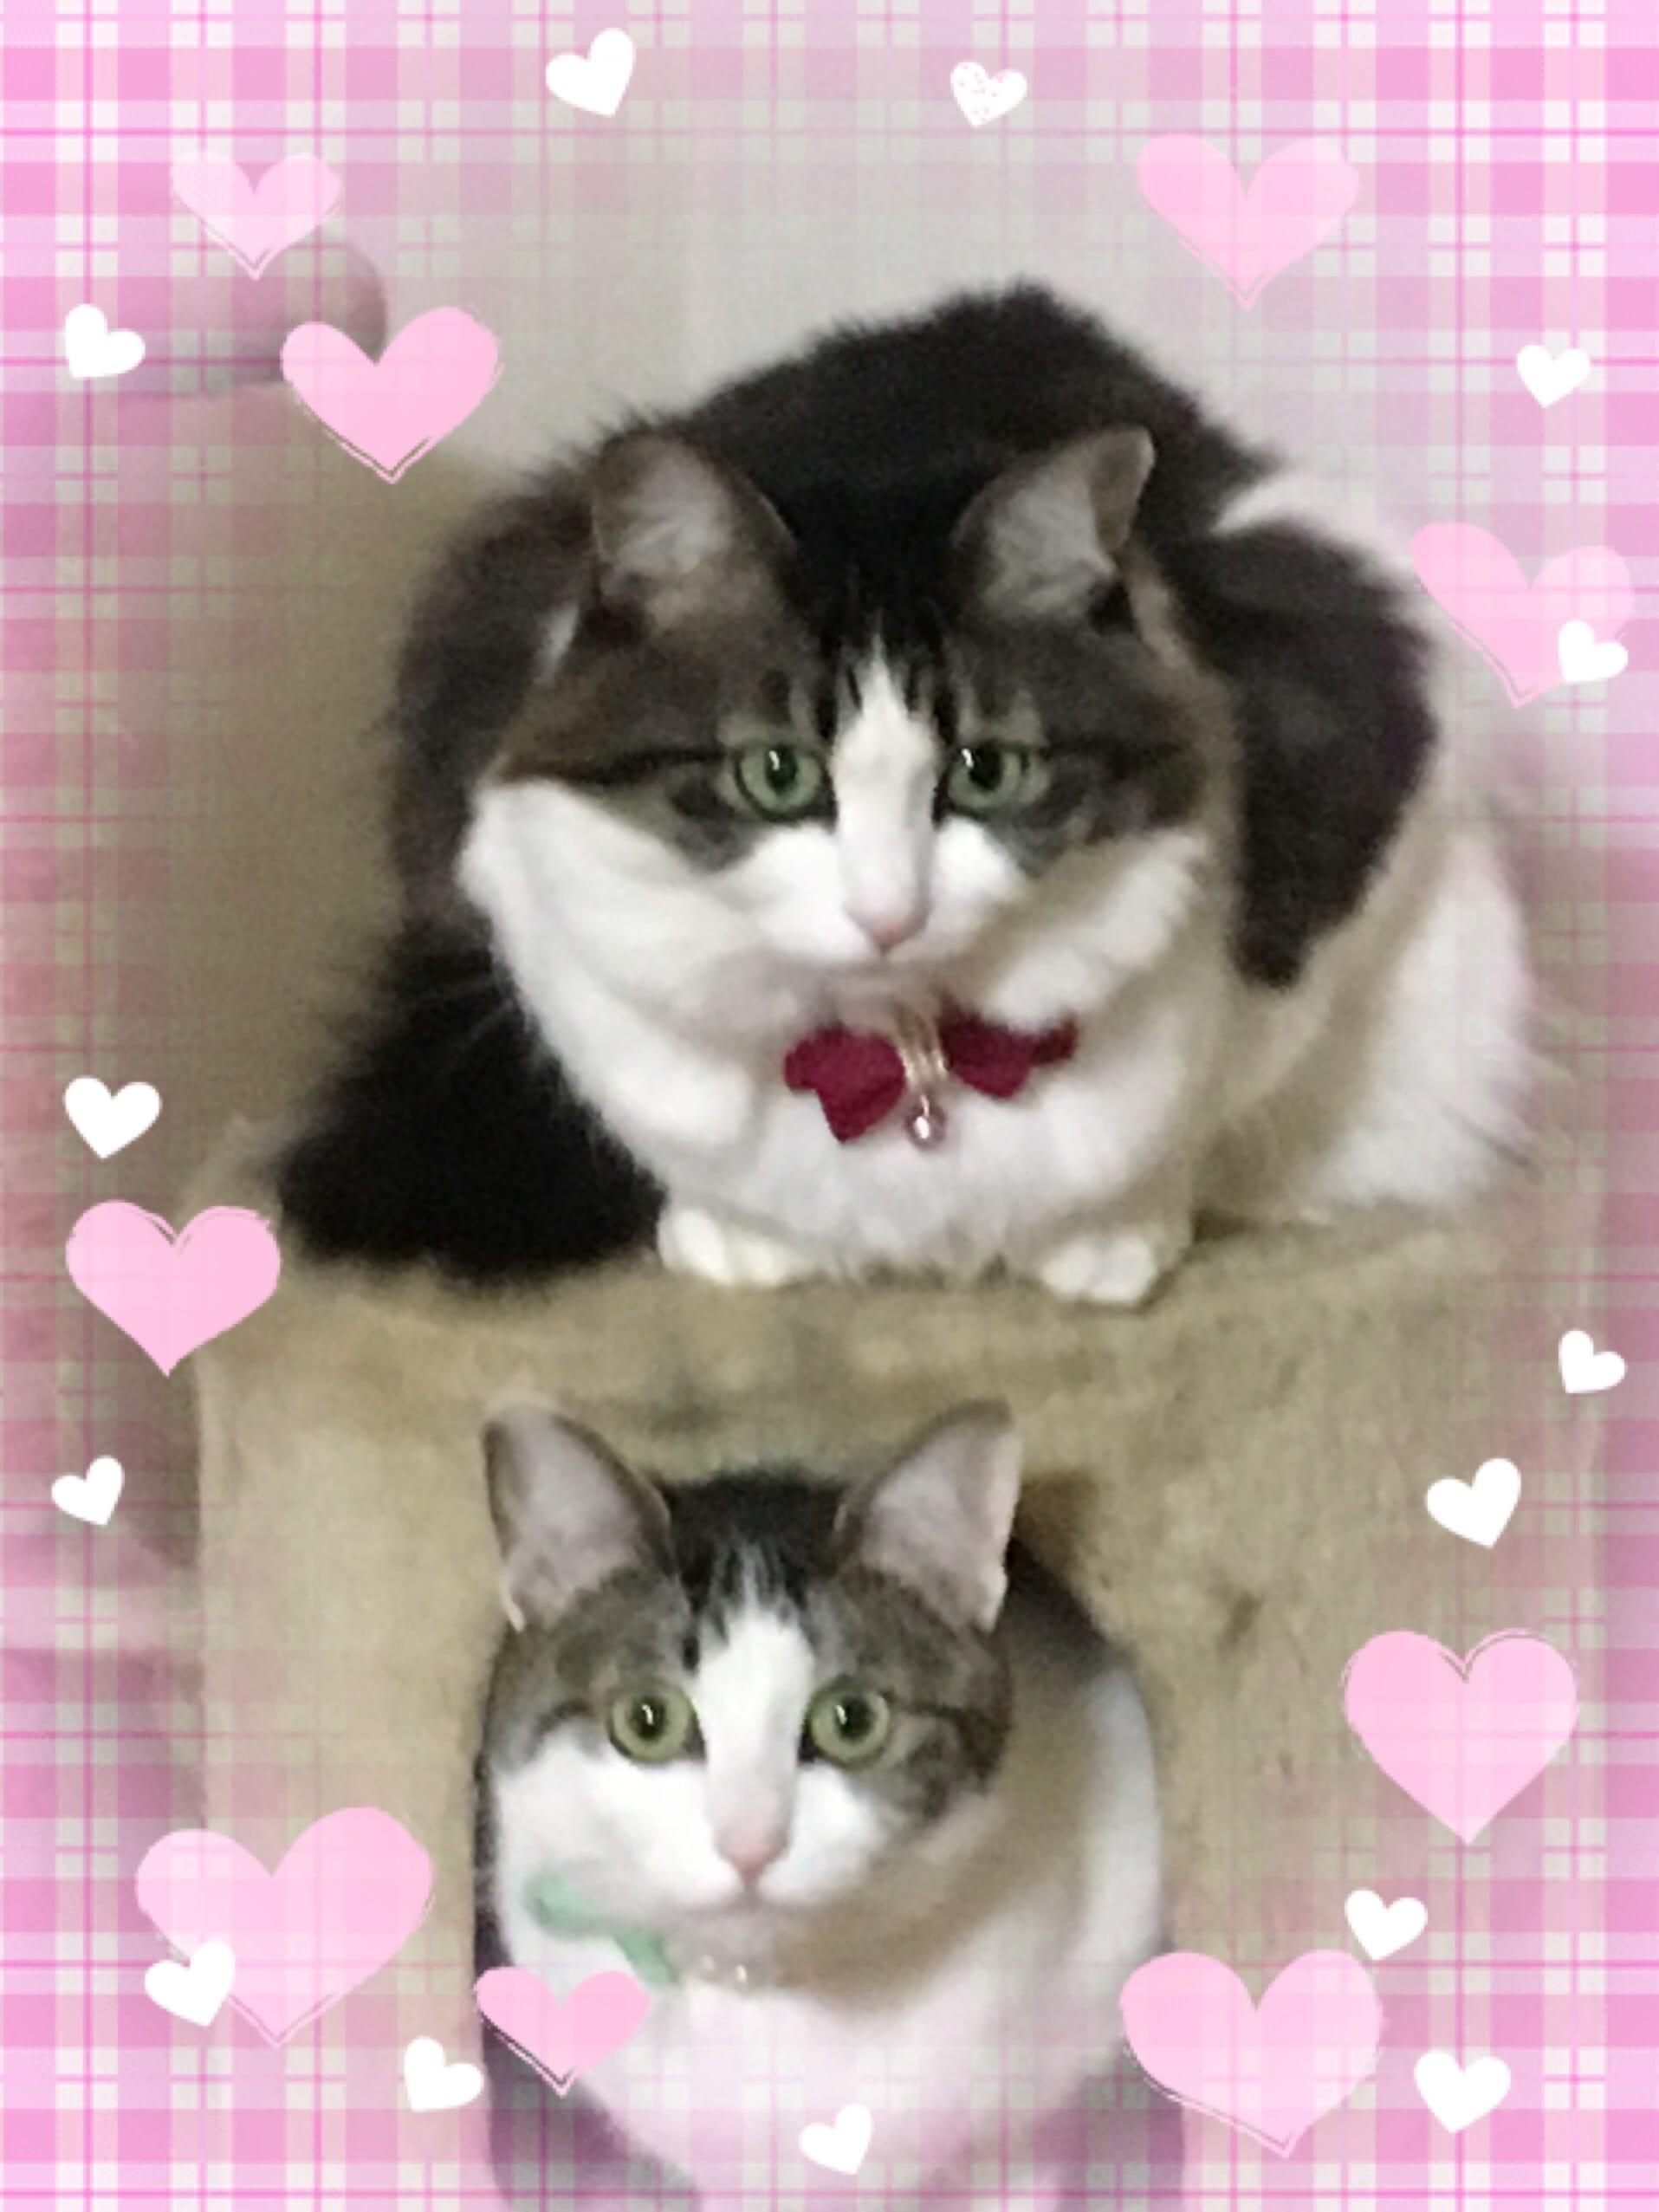 ゆうか「2月22日    にゃんにゃん  猫の日」02/22(木) 07:46 | ゆうかの写メ・風俗動画